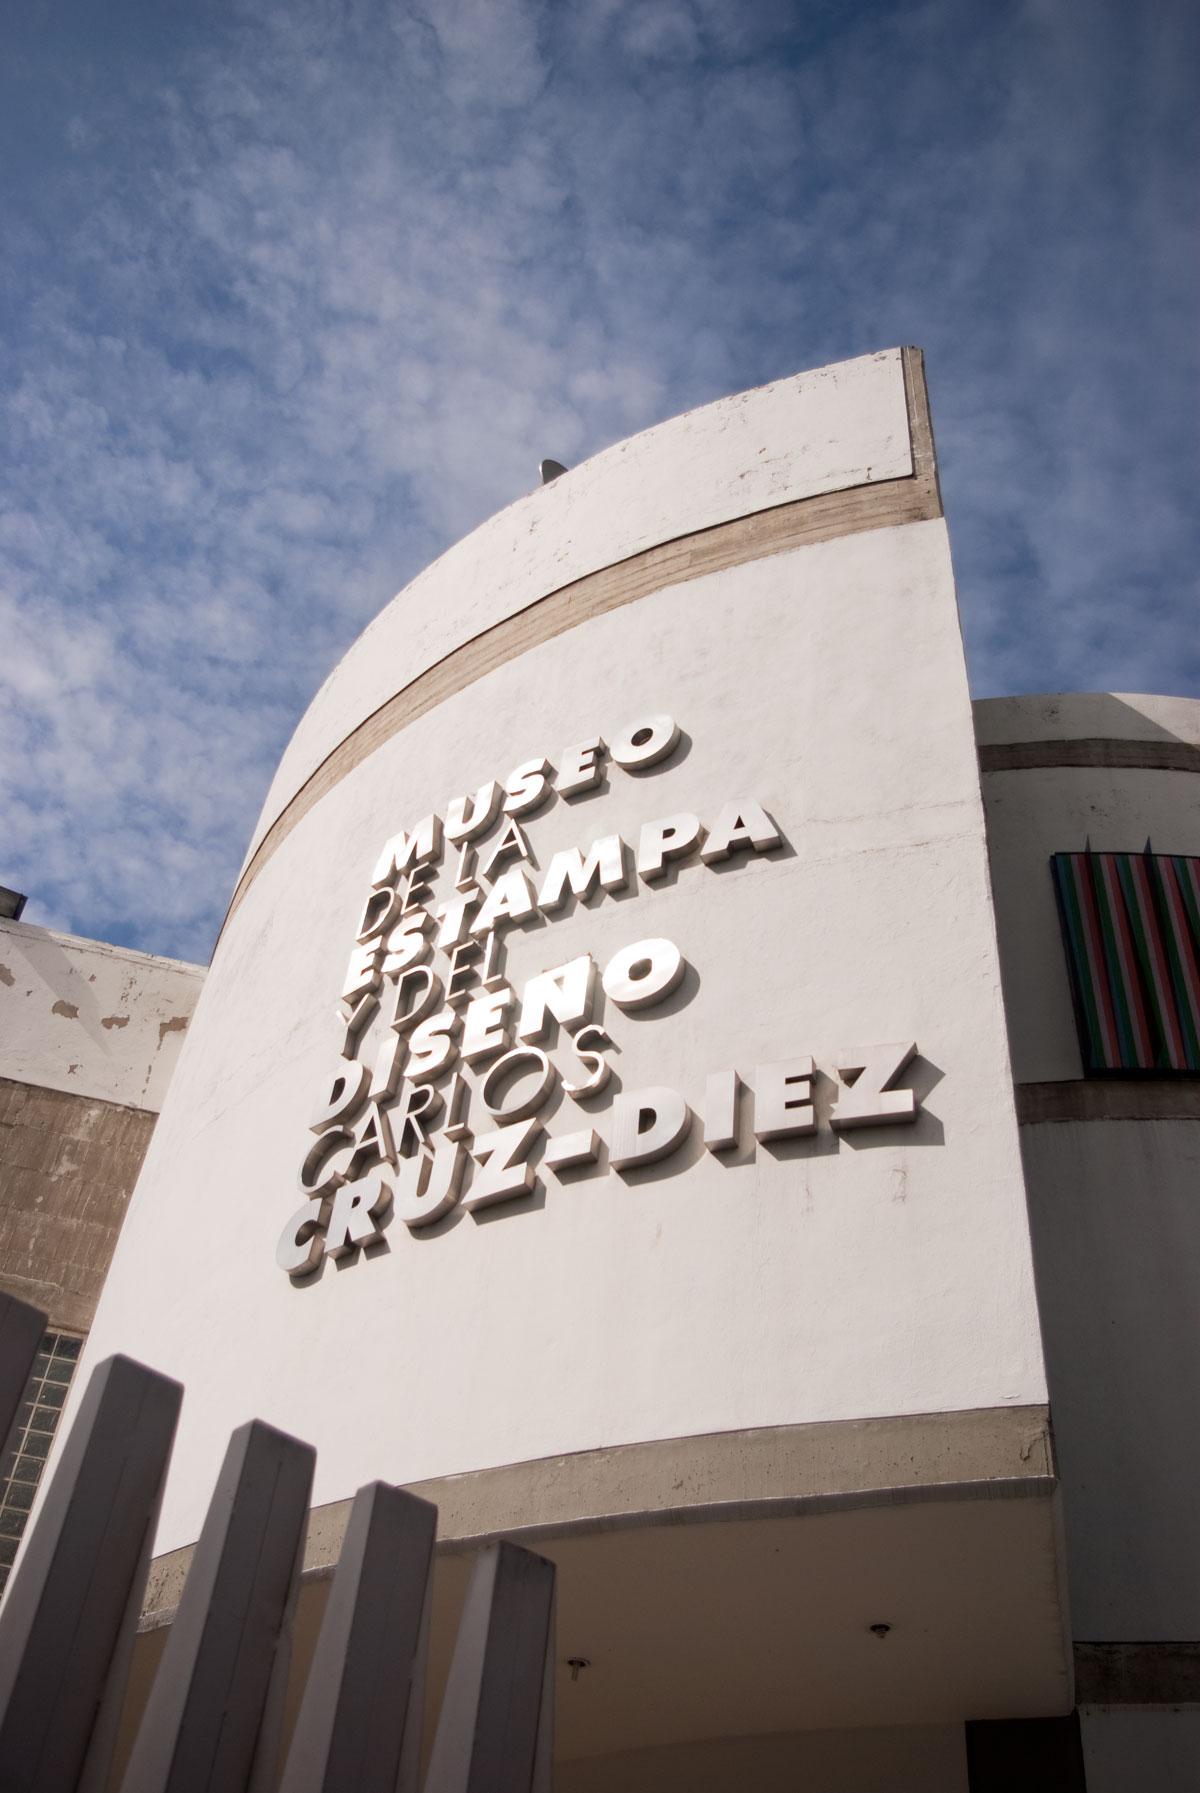 Museo-de-la-Estampa-y-el-diseno-00b